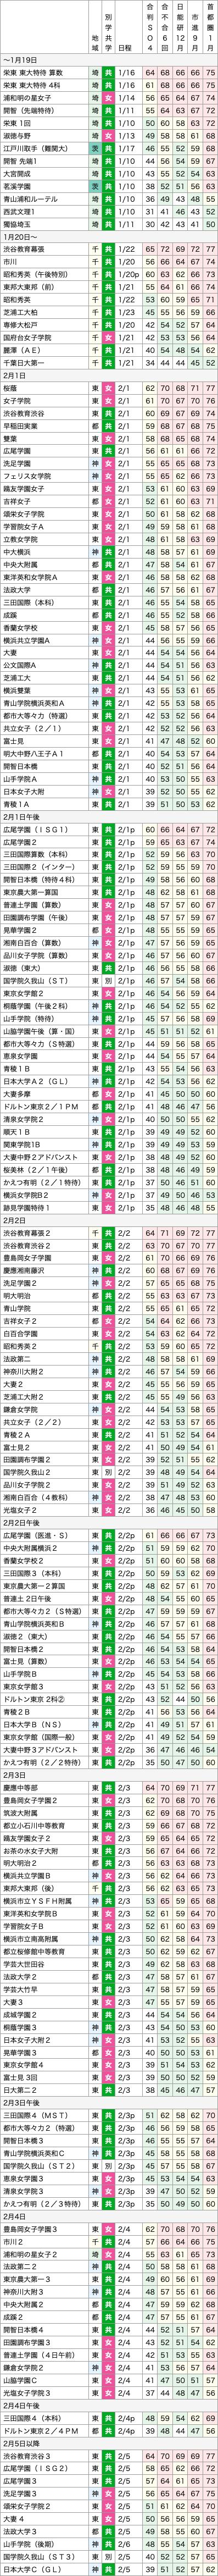 https://e-tutor.tokyo/data/20201231/g2.png